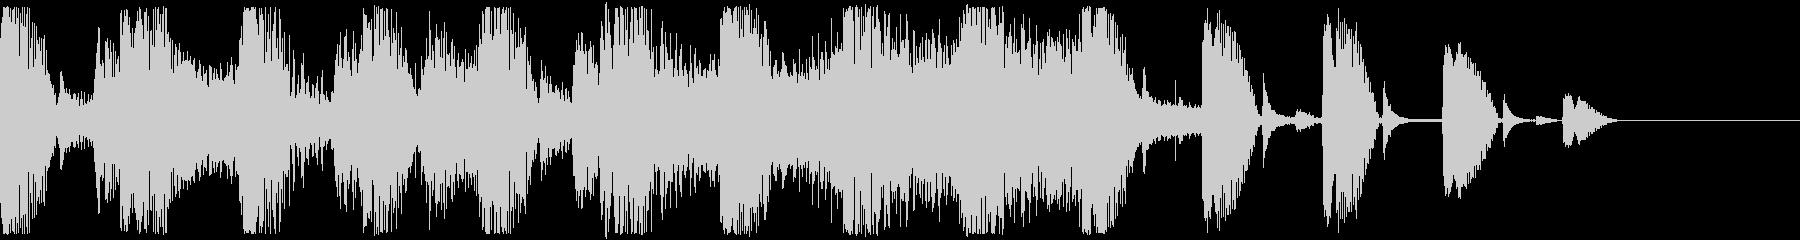 ストリングス ピッチカート サウンドロゴの未再生の波形